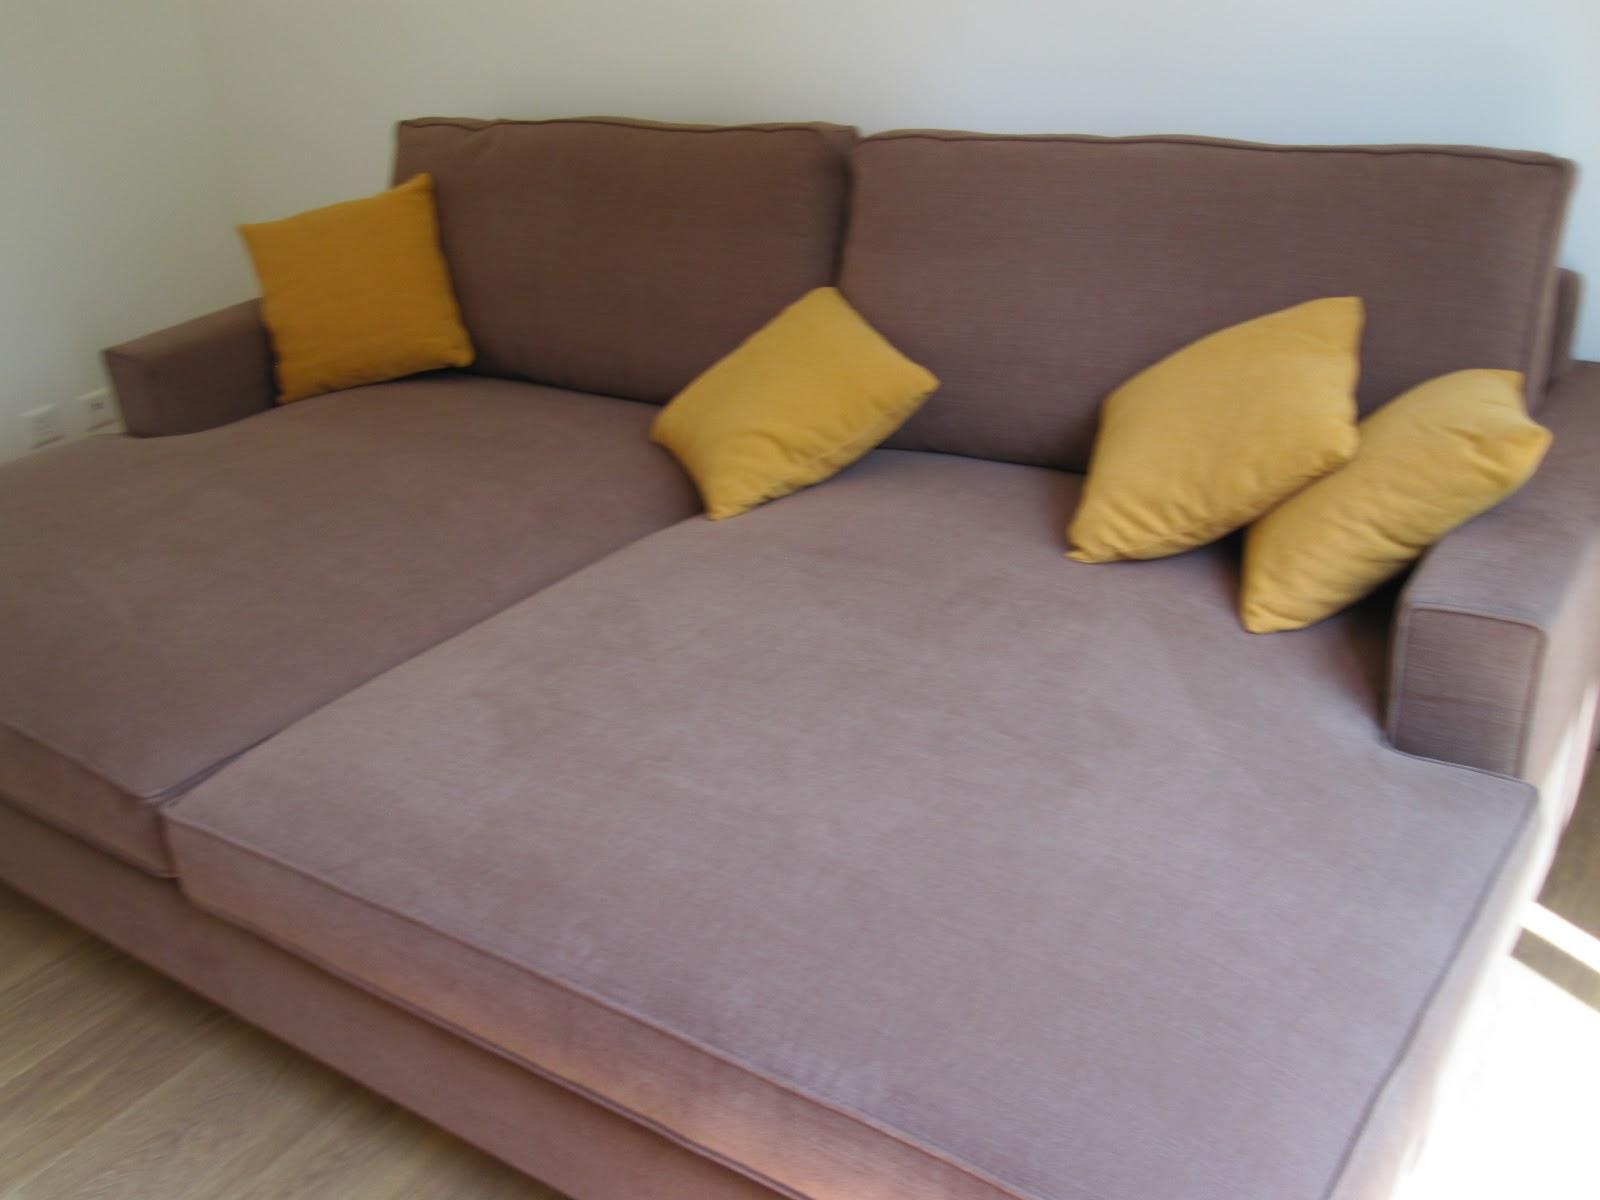 Santambrogio salotti produzione e vendita di divani e letti anche su misura per non litigare - Divano profondo ...